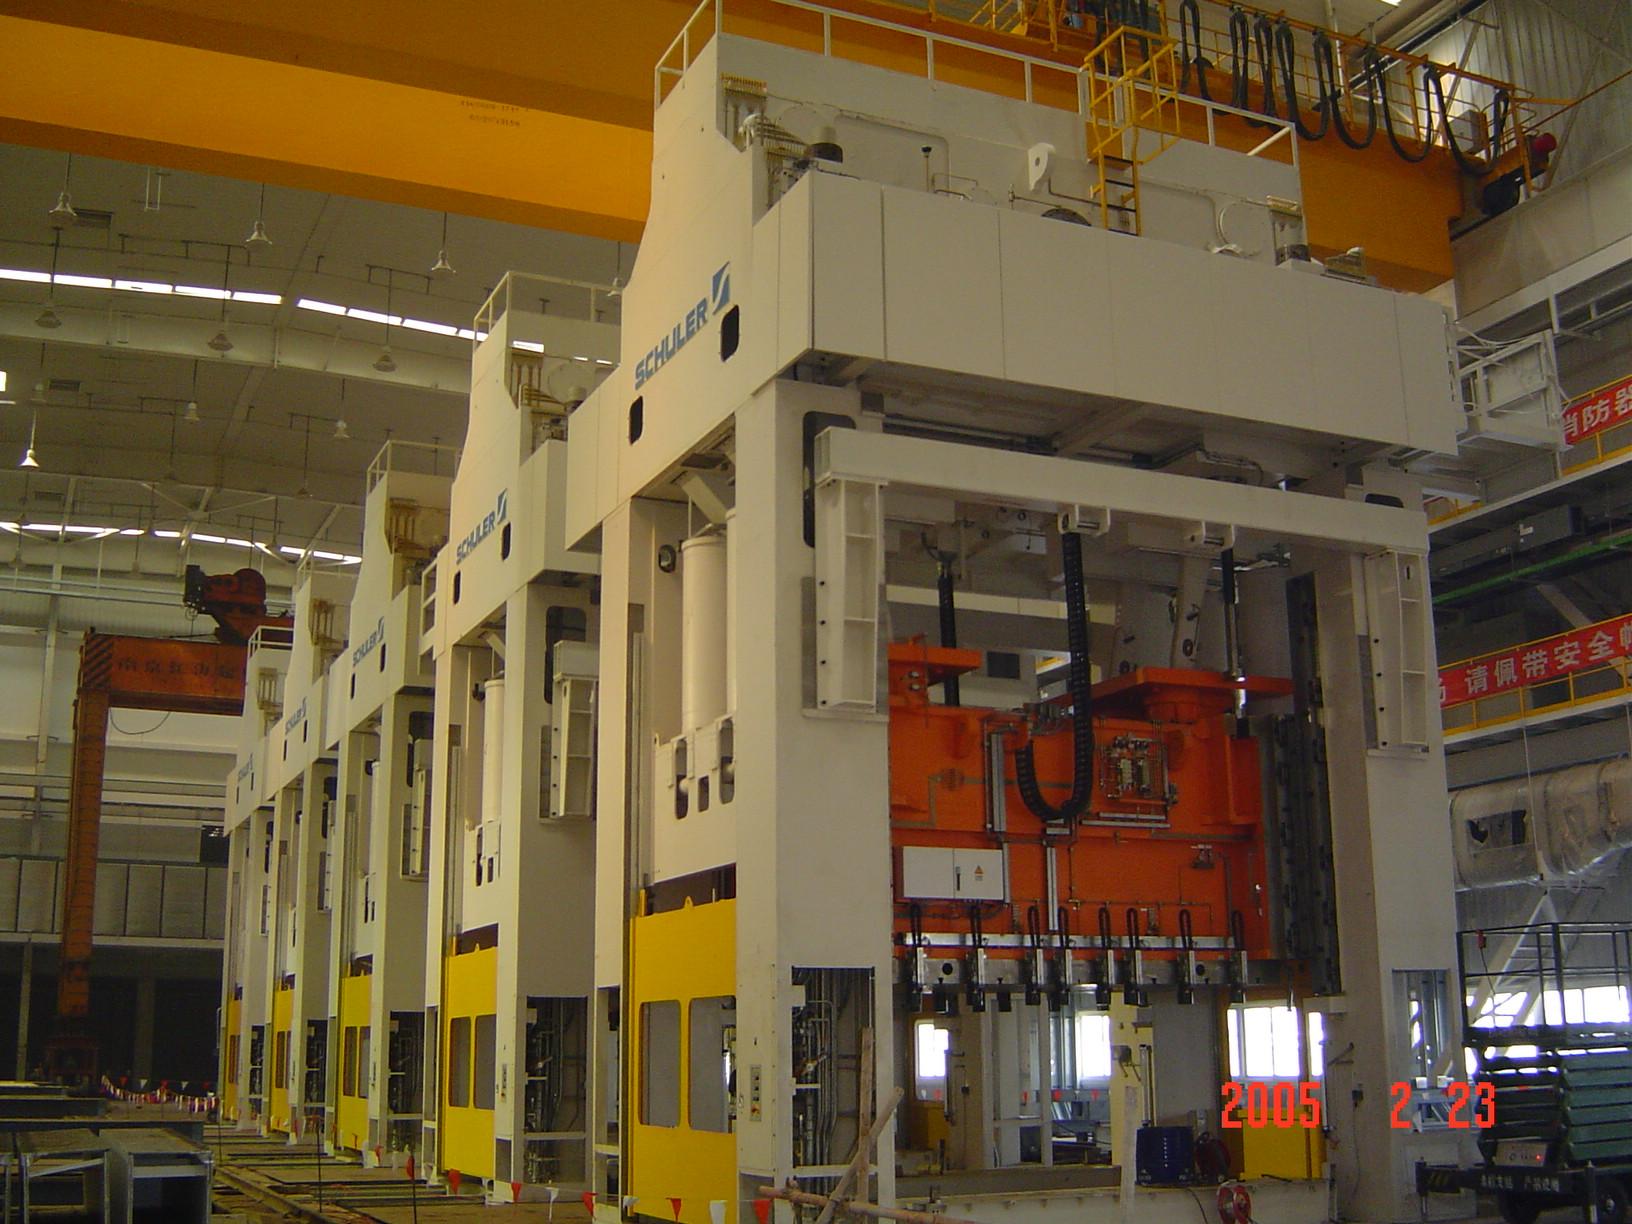 2005年 上海大众汽车16线压力机安装